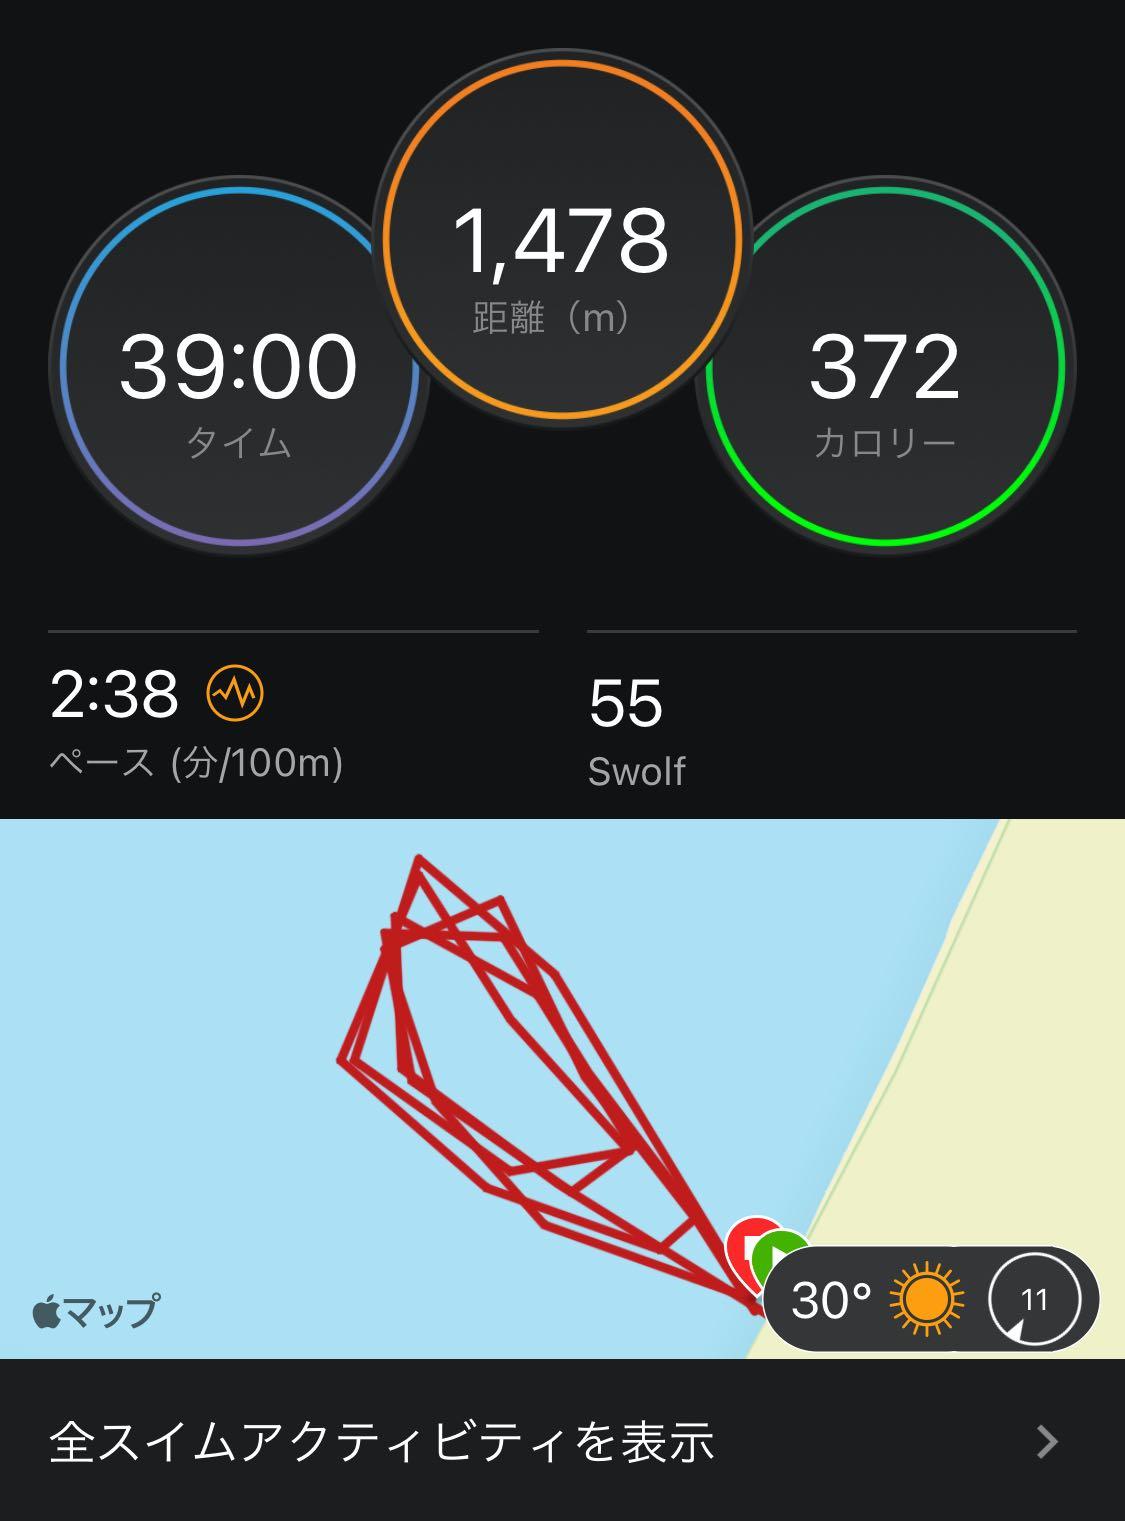 二色の浜 OWS 距離 時間